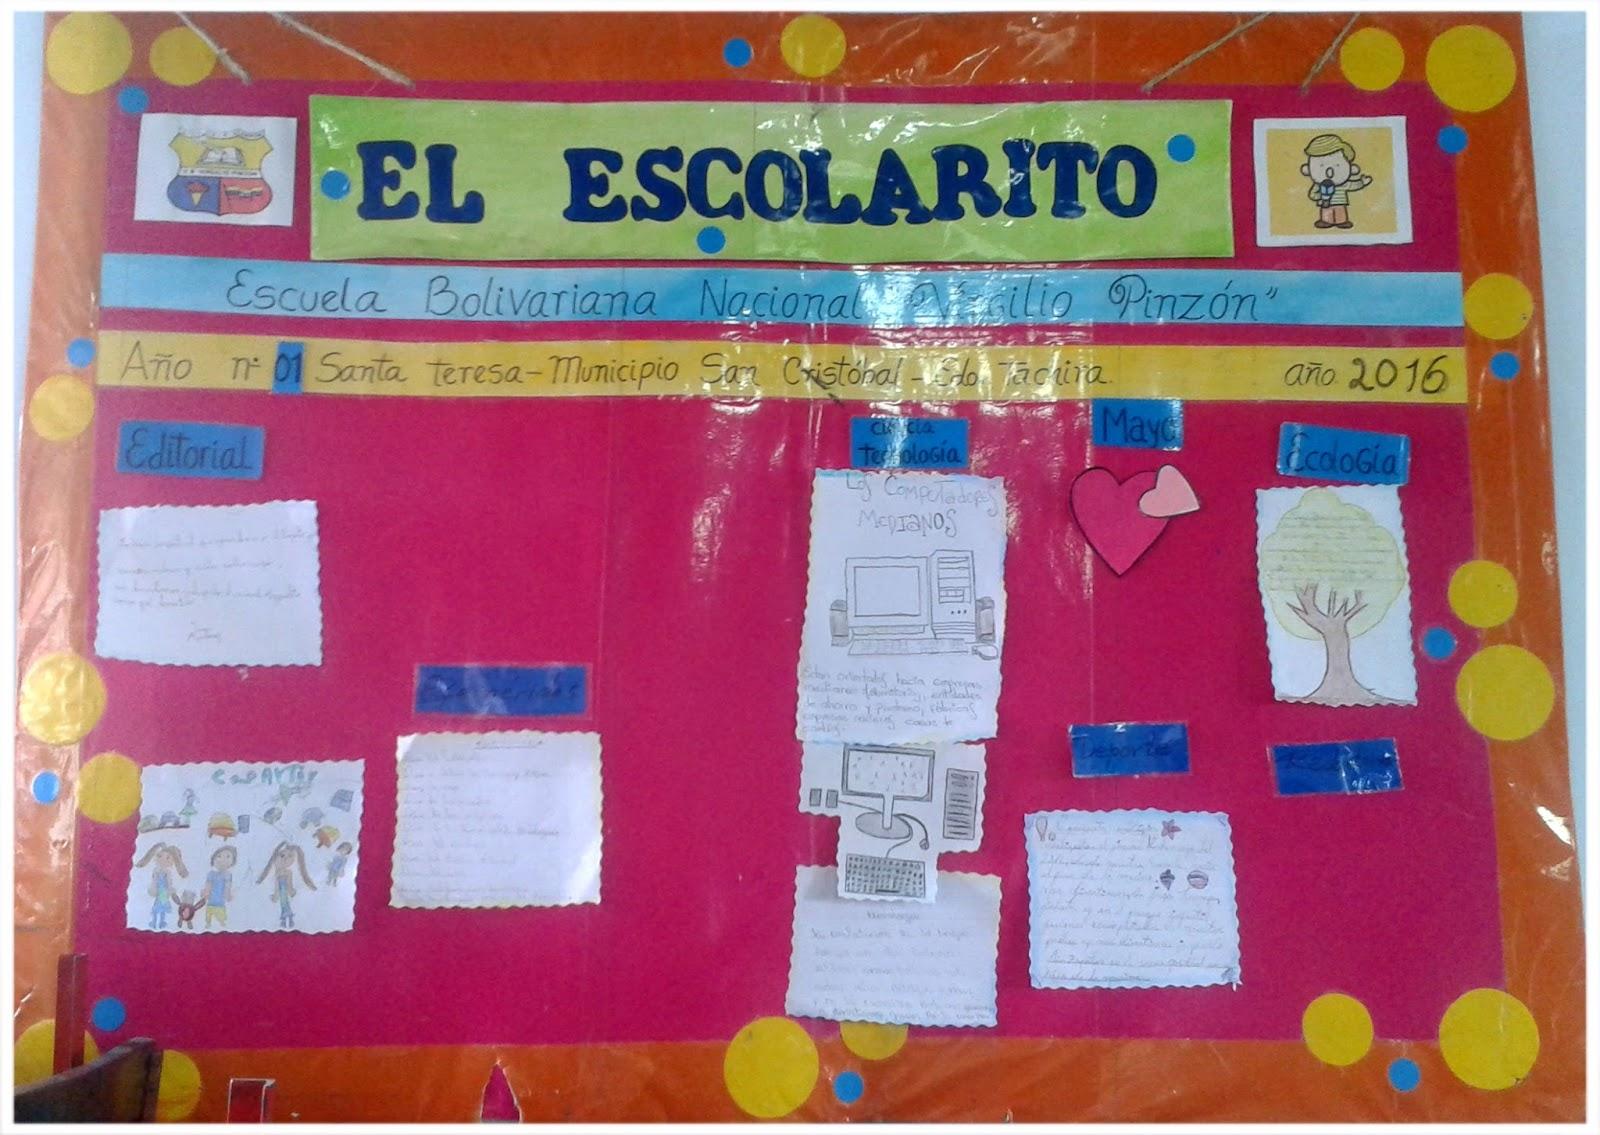 Escuela bolivariana virgilio pinz n peri dicos murales de for Diario el mural de jalisco